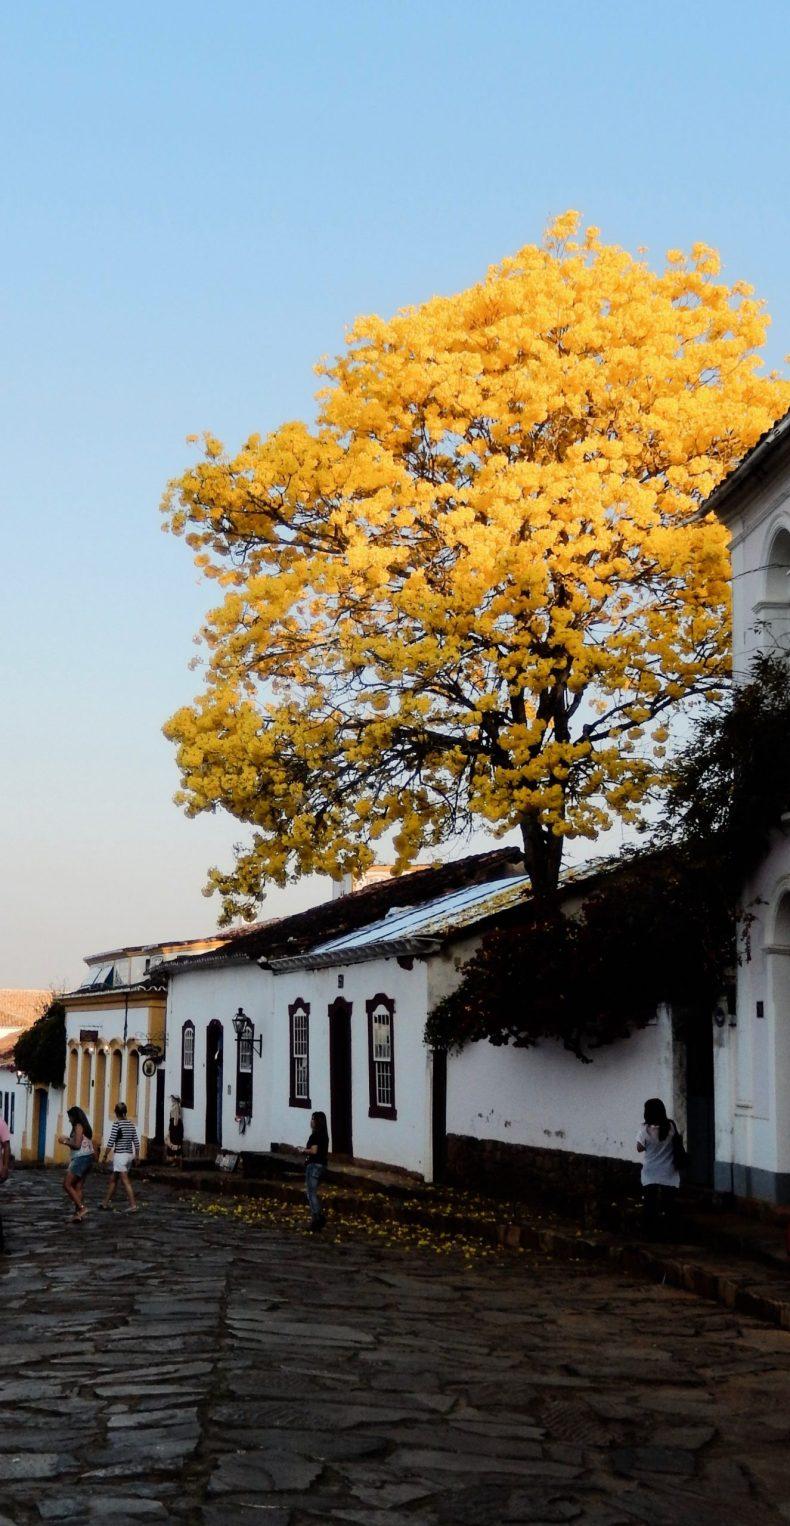 Blossoming Ipê tree in Brazil Tiradentes, Minas Gerais.